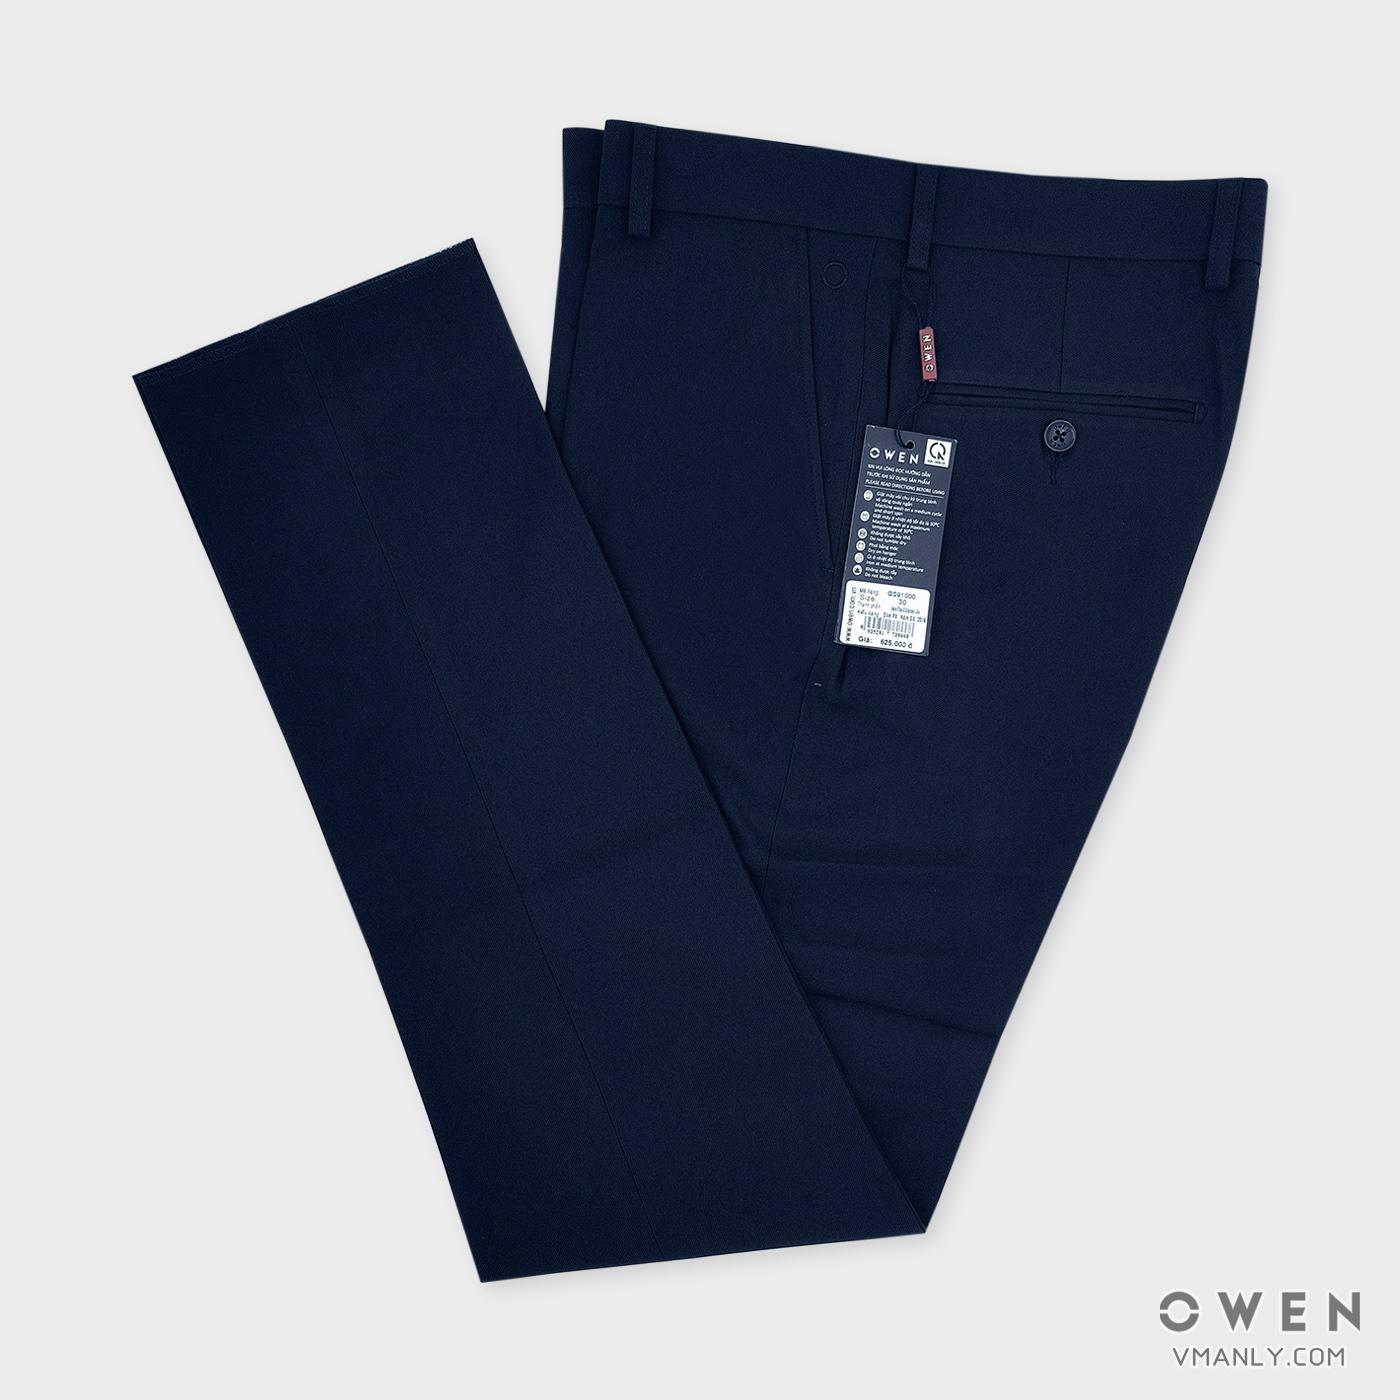 Quần tây Owen không li slimfit màu tím than QS91000